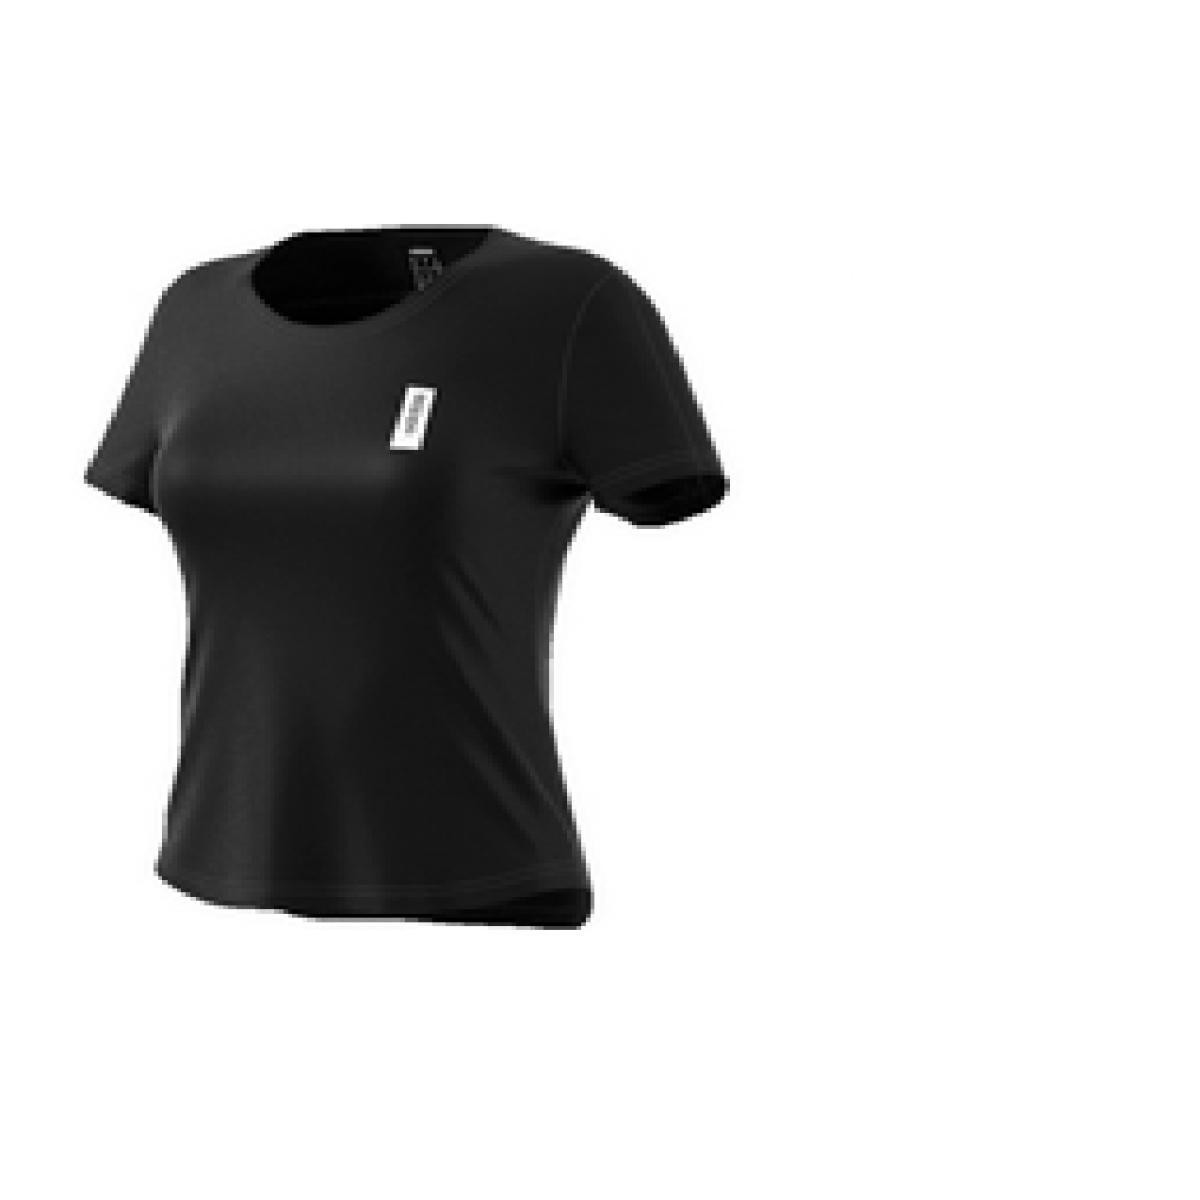 T-shirt Feminino Adidas Ei4633 w bb Preto